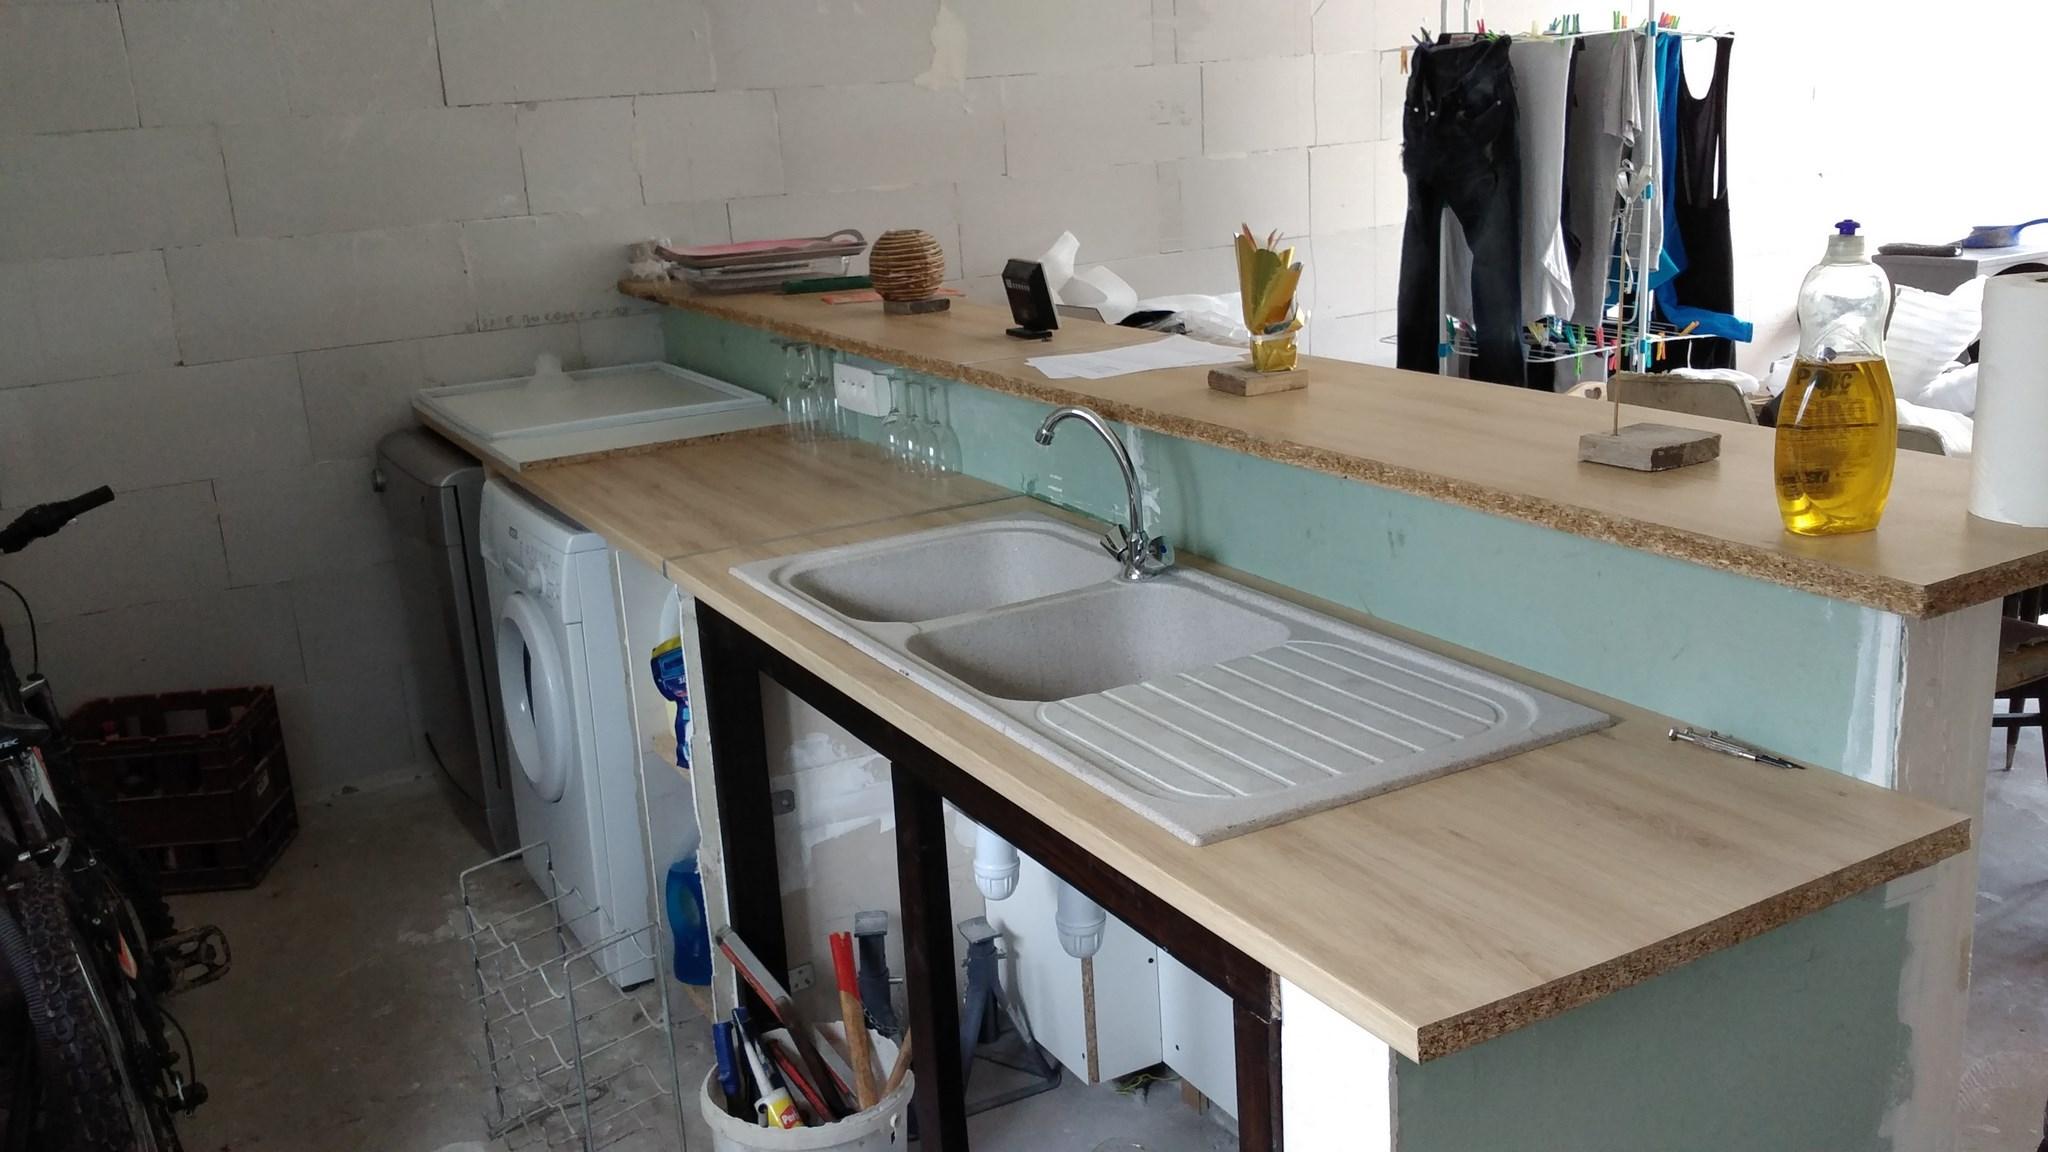 Plan De Travail Avec Jambage plan de travail à fixer sur muret pour cuisine americaine